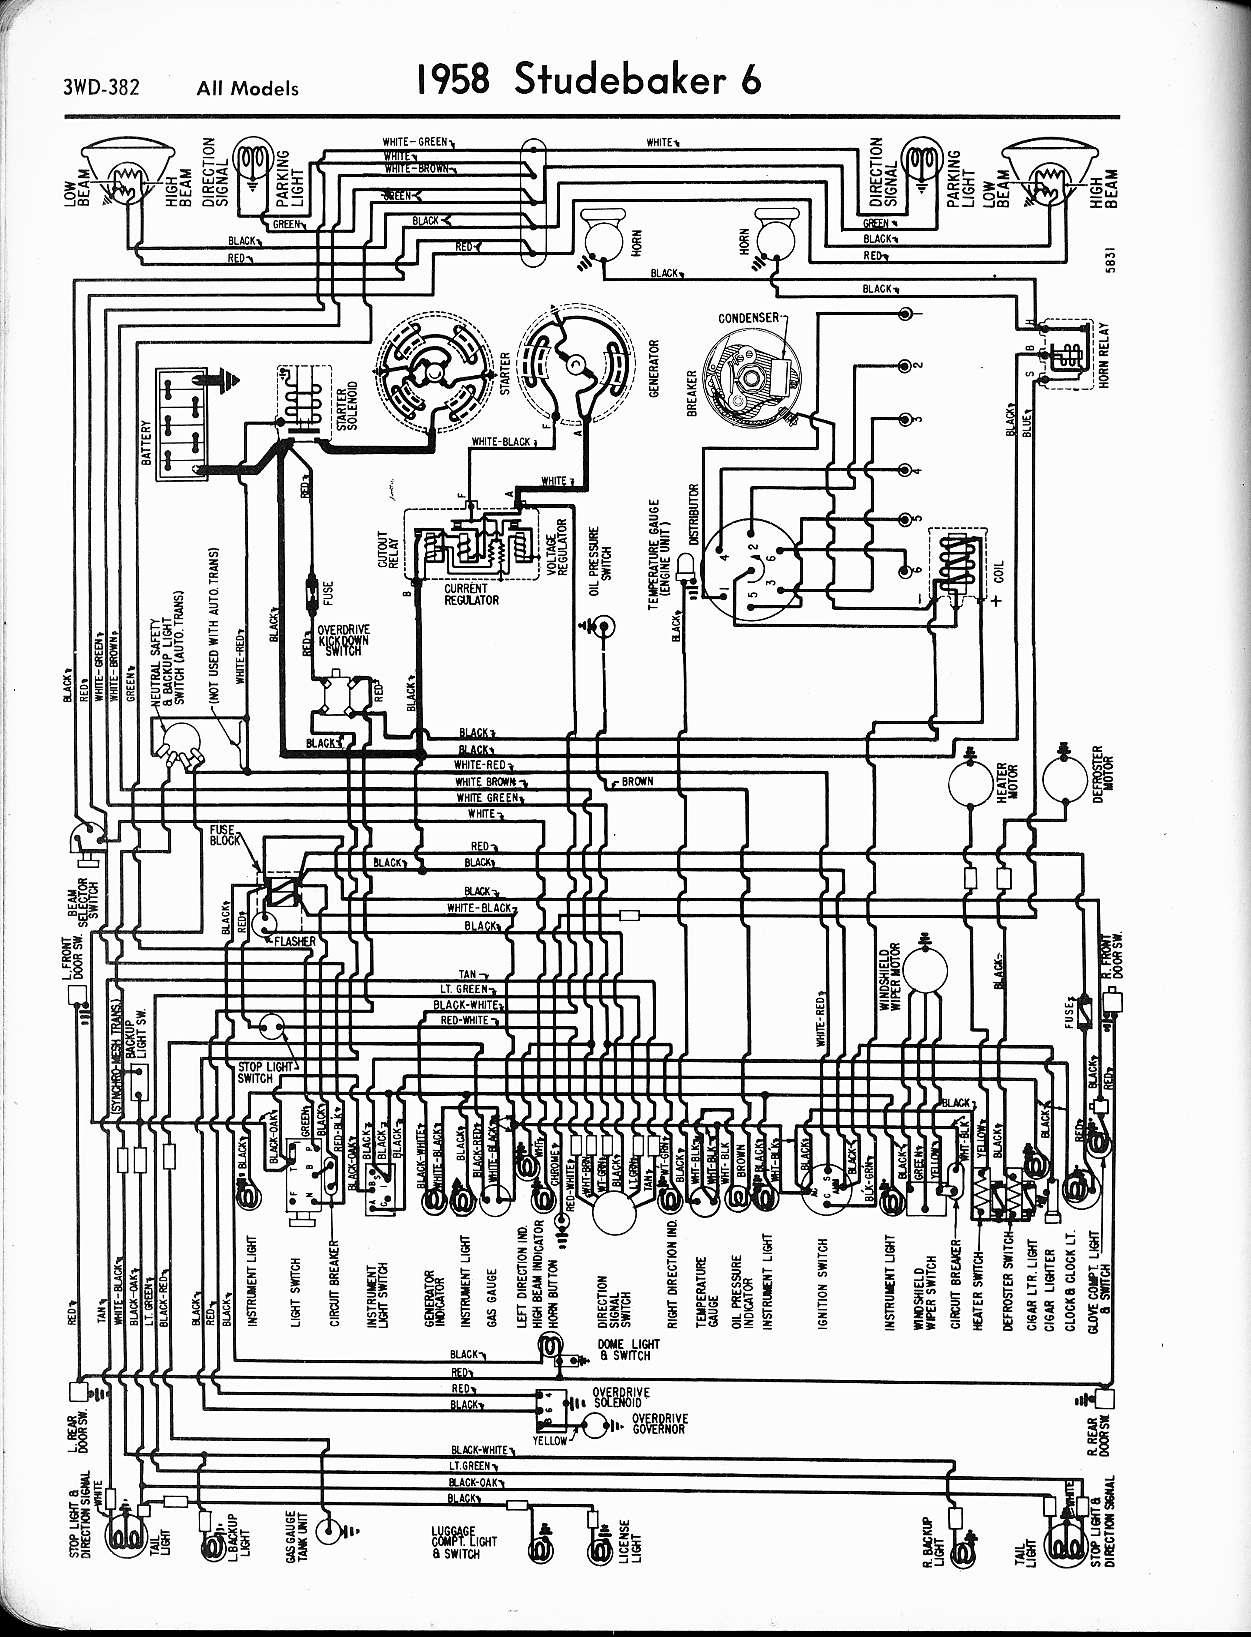 wiring diagram for 1960 studebaker v8 lark